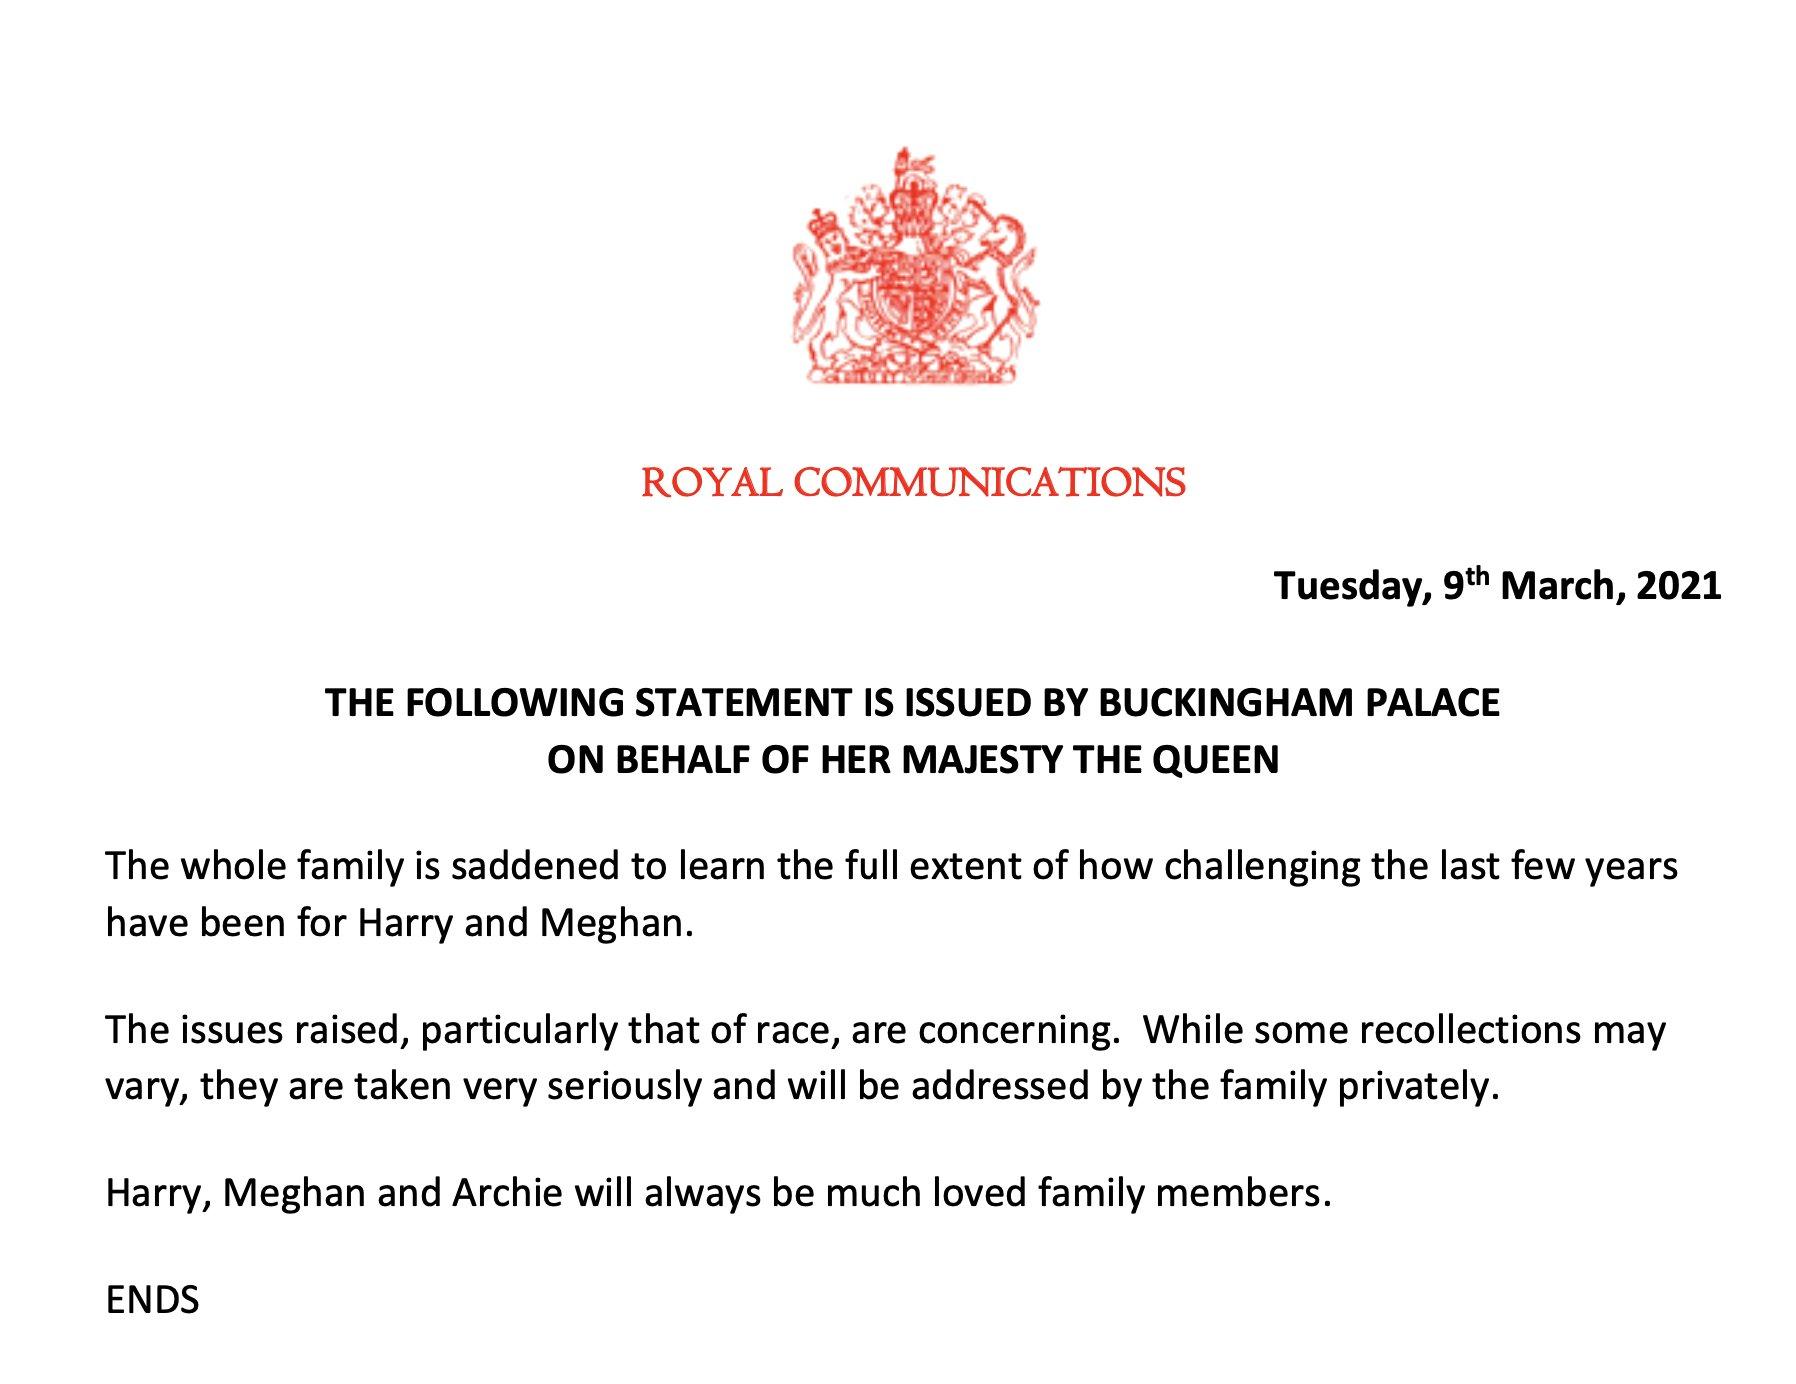 Расовий скандал у королівській родині Великої Британії. У Букінгемському палаці засмучені